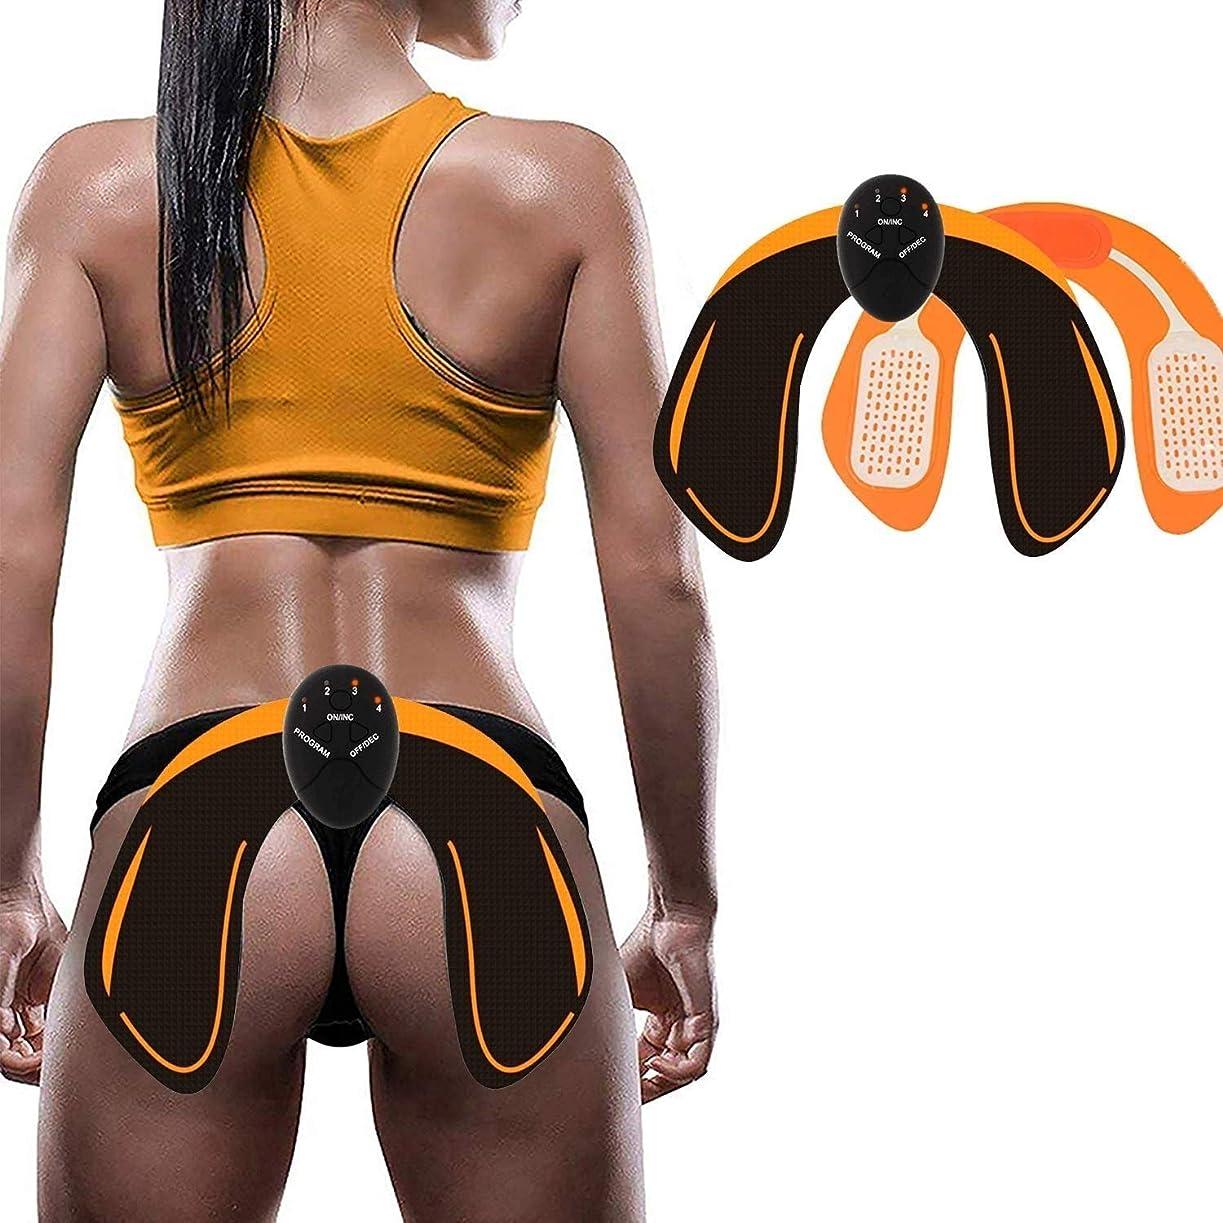 動かす起こる卵EMSヒップトレーナーとバットトナーは、男性女性のためのスマートバトリフターリフターバトシェイパーパッドトレーニングコントロールスマートトナートレーニングギアを持ち上げるのに役立ちます (Size : Host+hip stickers)